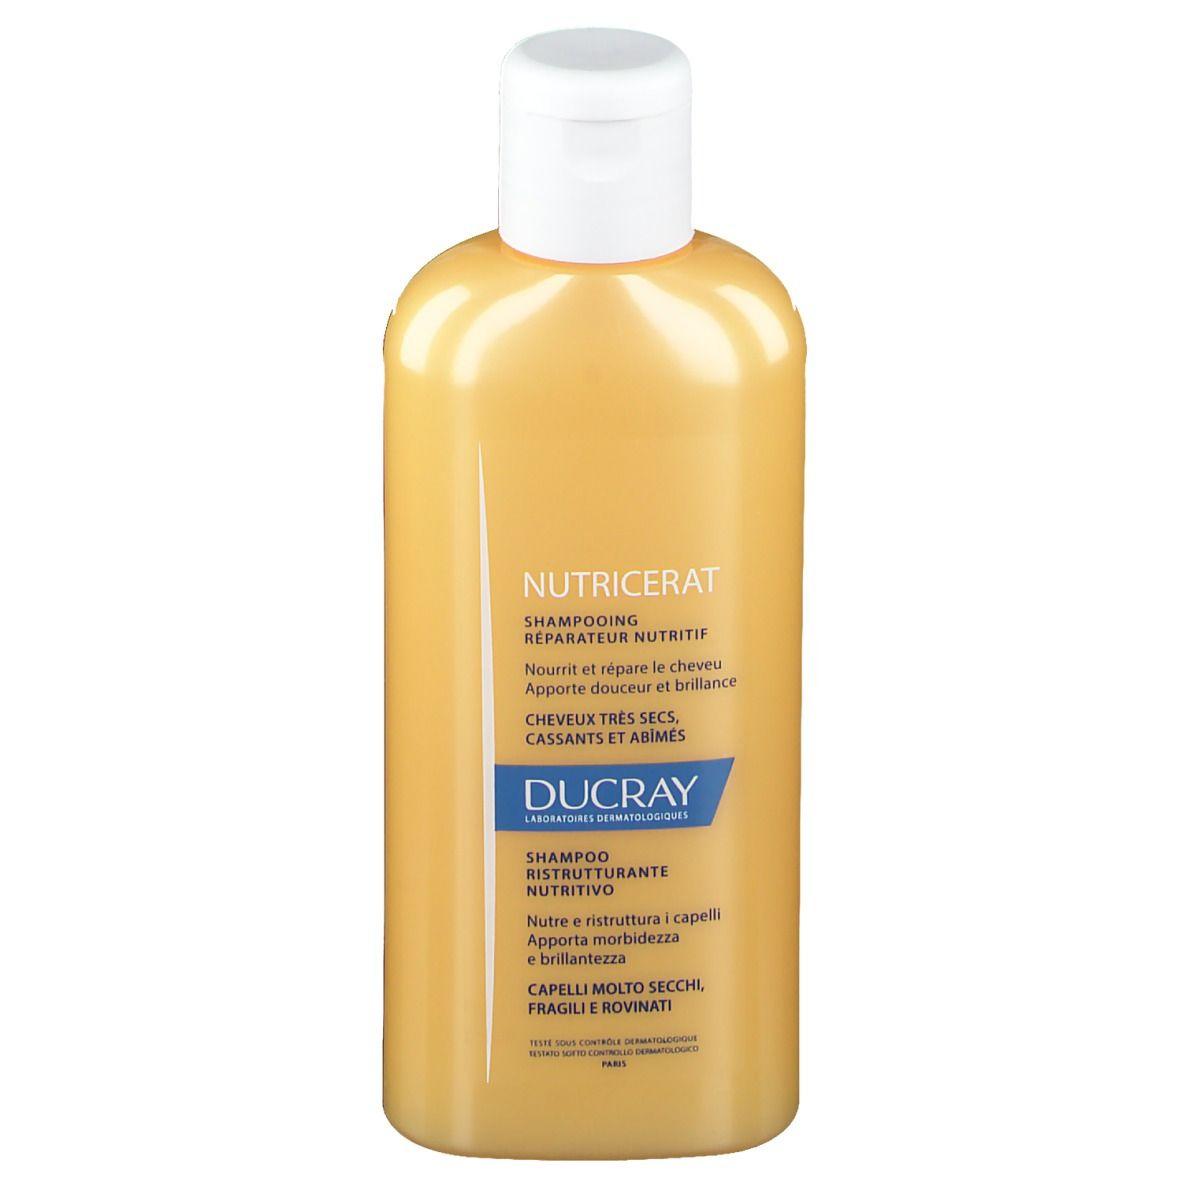 DUCRAY NUTRICERAT Shampoo